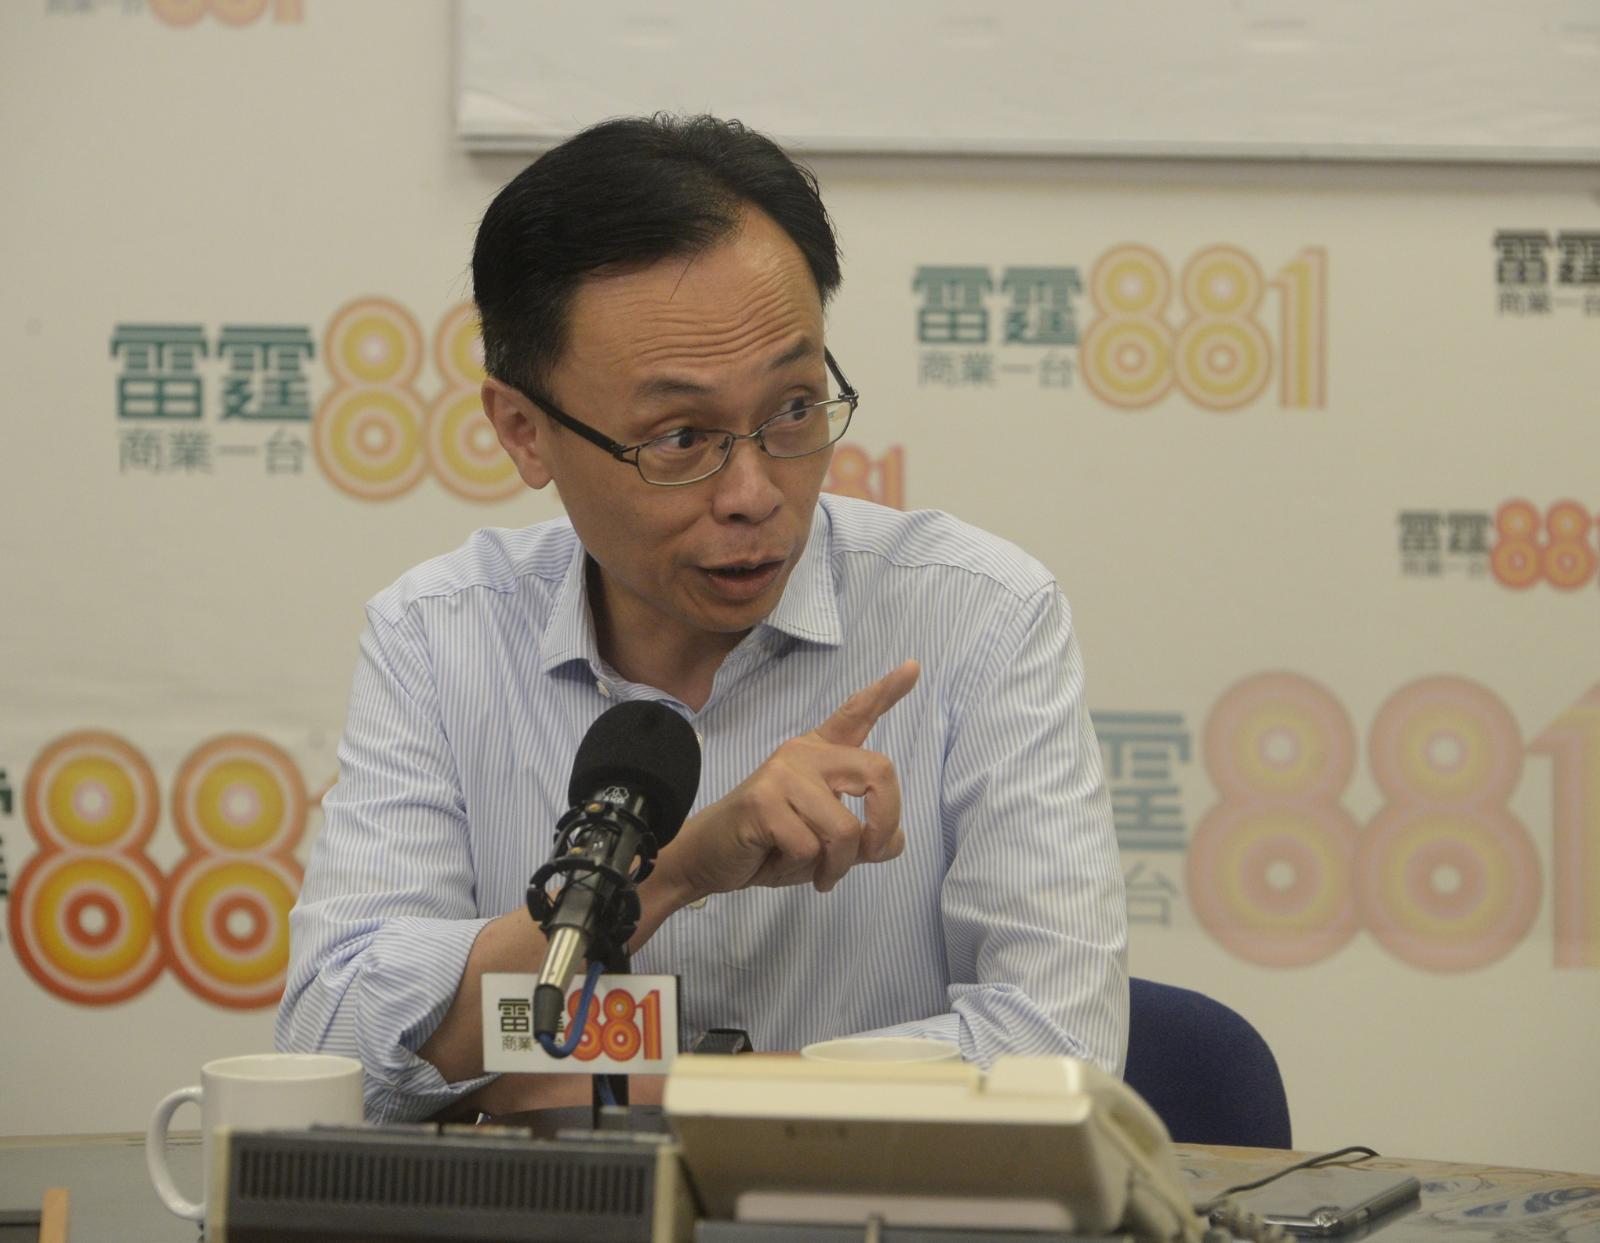 聶德權強調香港和內地關係一向密切。